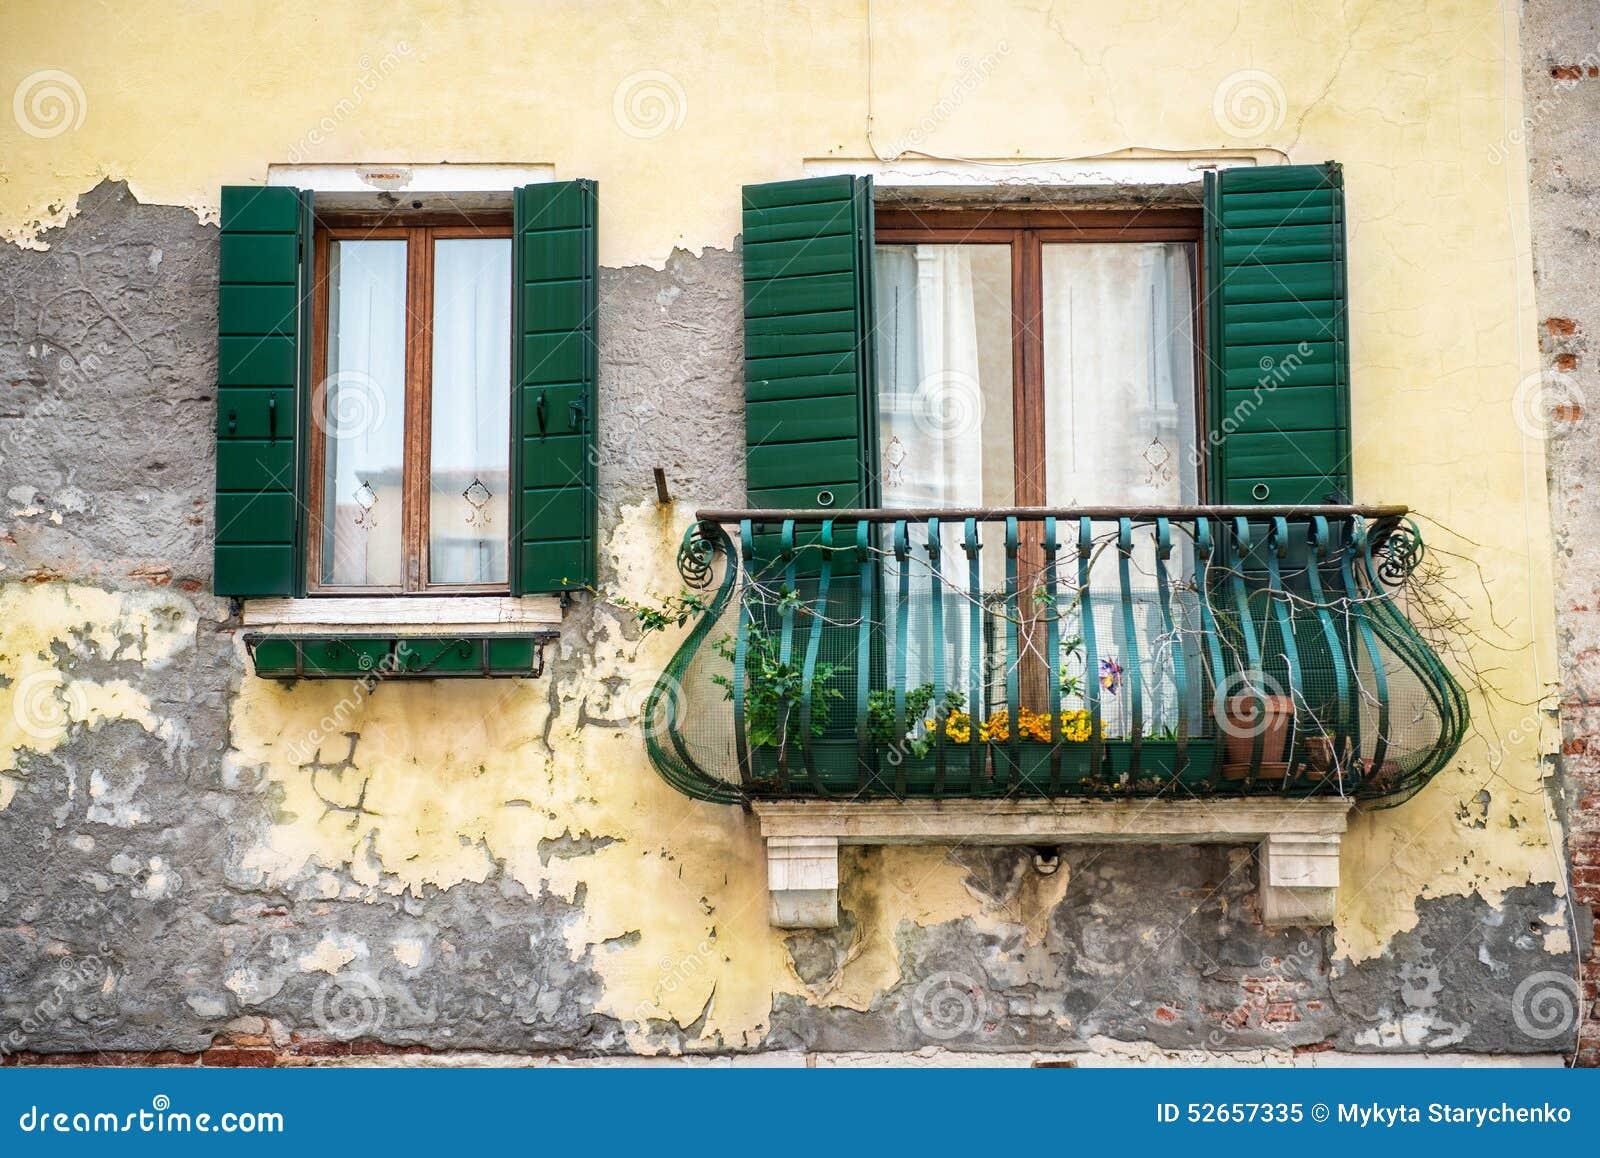 Stary budynek z balkonem w Venezia, Włochy